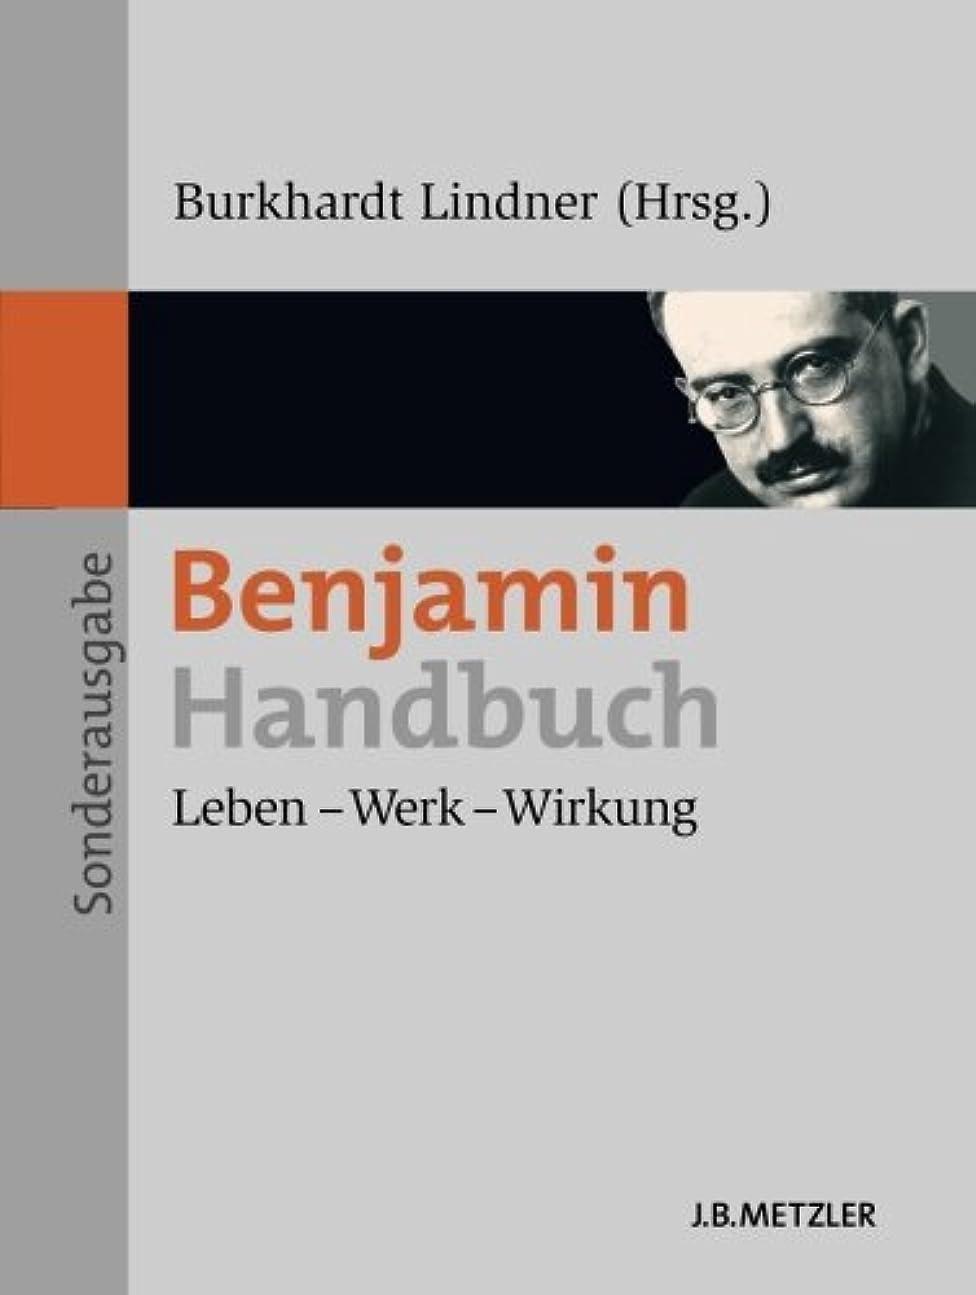 付録化学者ストロークBenjamin-Handbuch: Leben – Werk – Wirkung